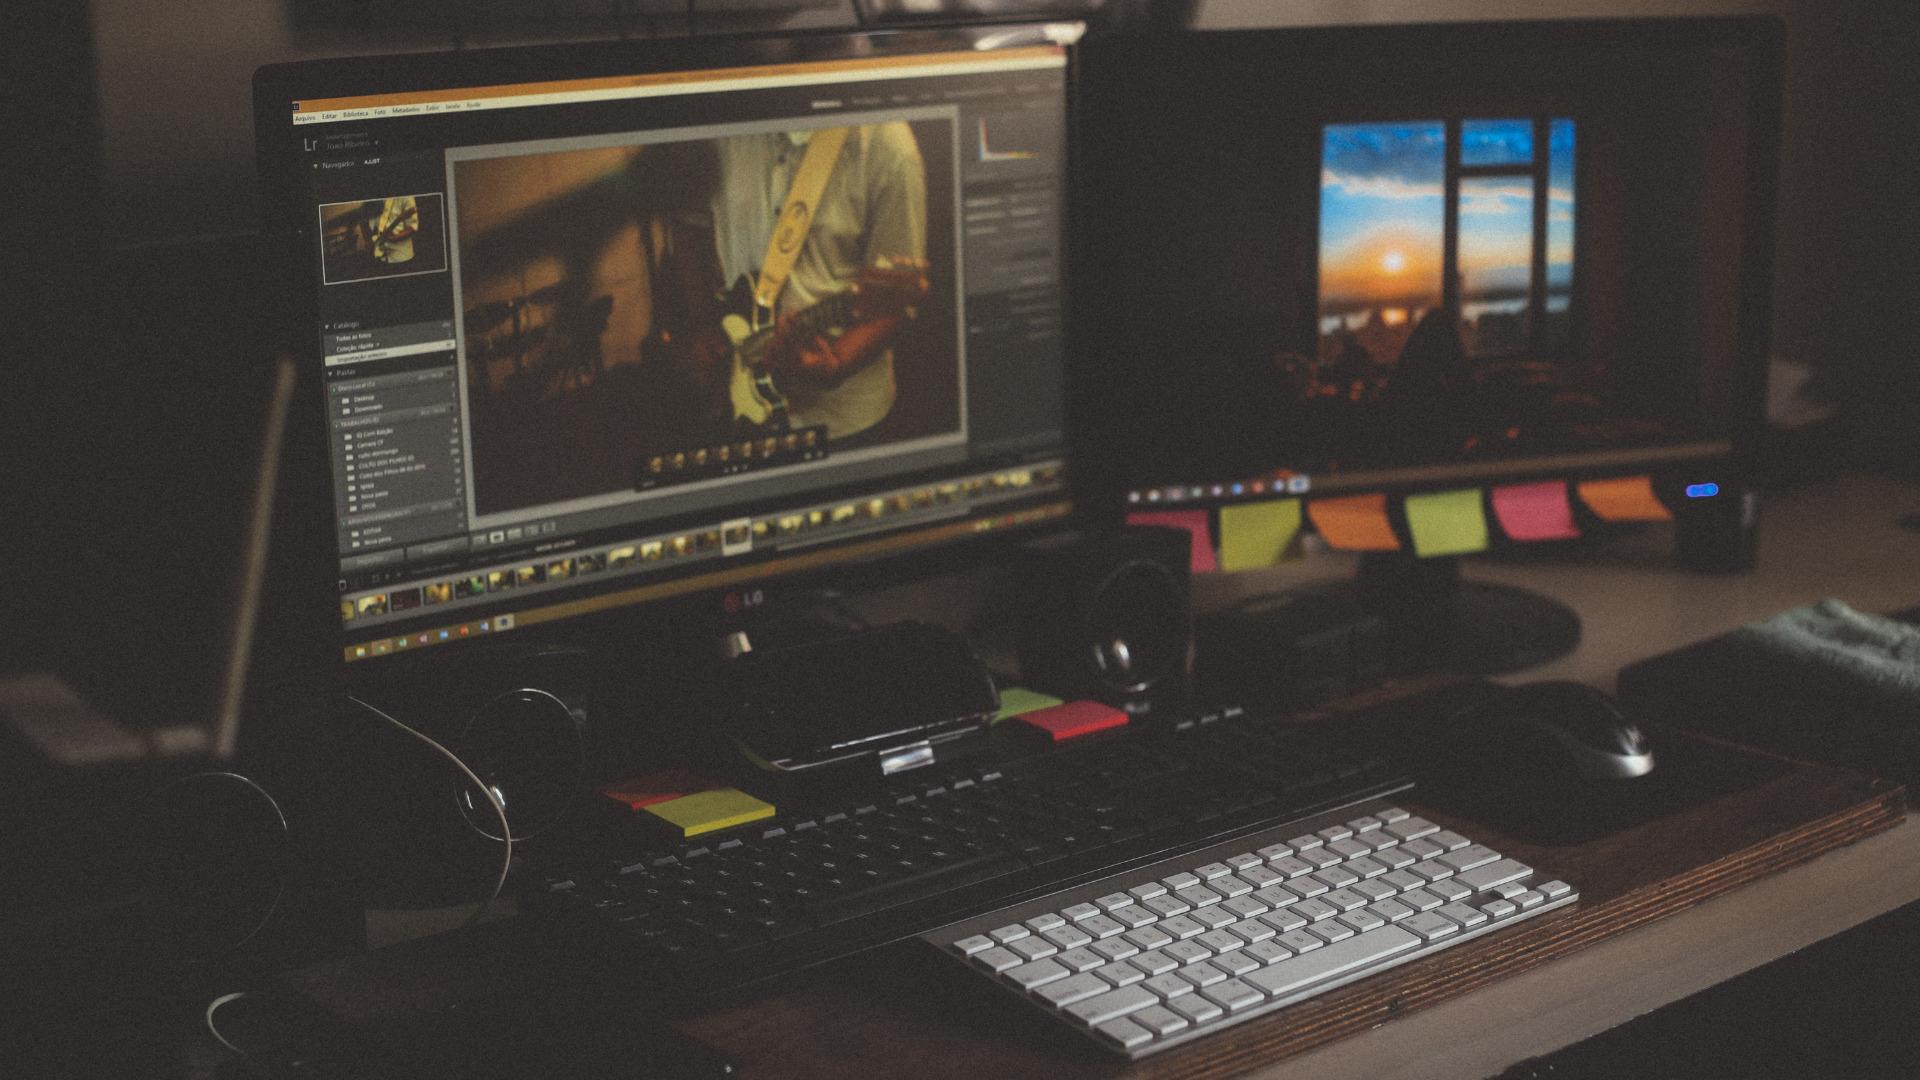 動画編集もできるおすすめゲーミングPCを紹介